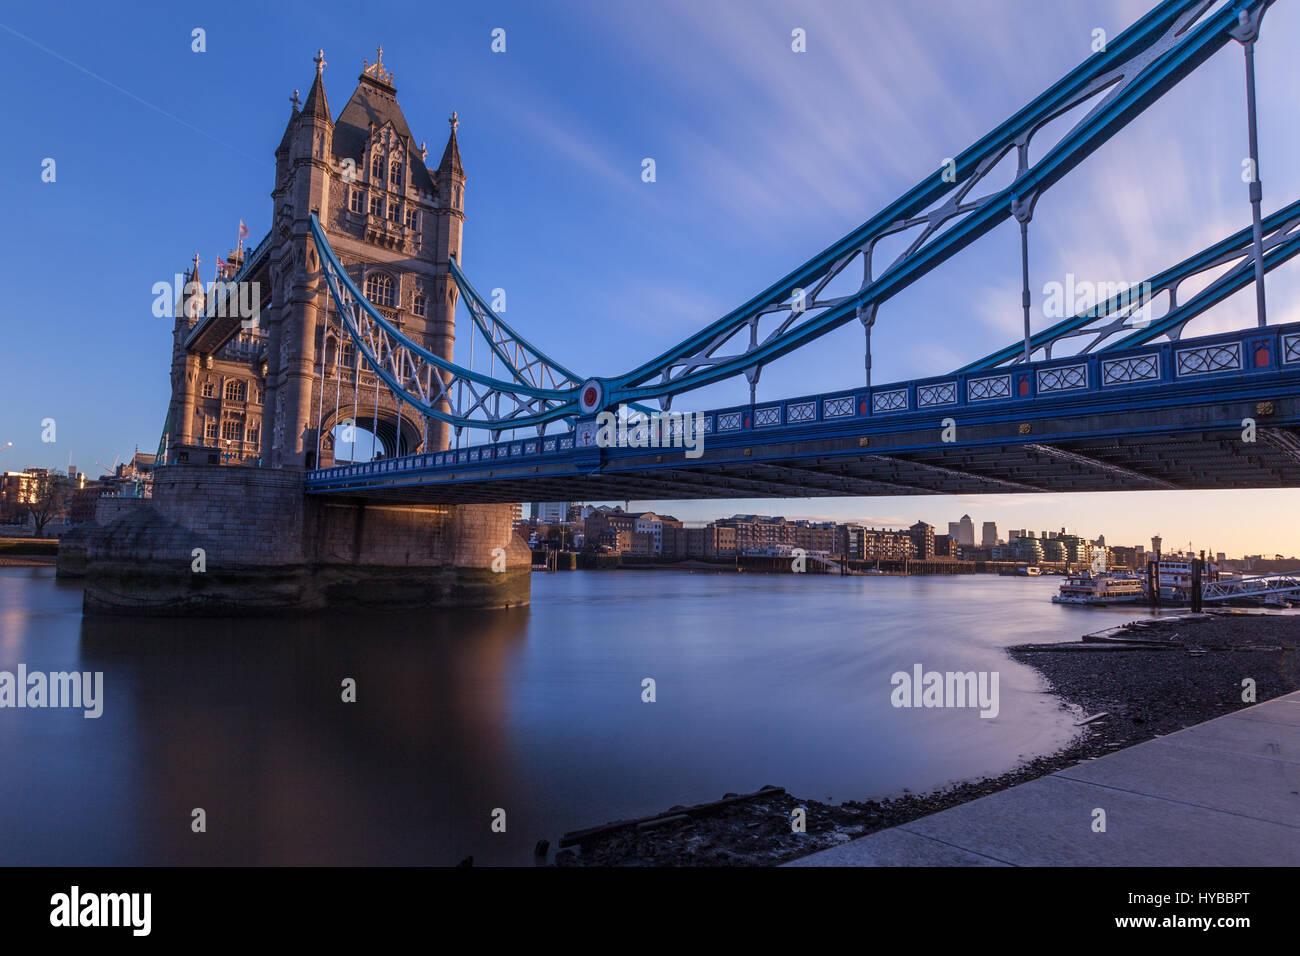 El Tower Bridge de Londres con vistas al amanecer. Londres, Reino Unido Foto de stock